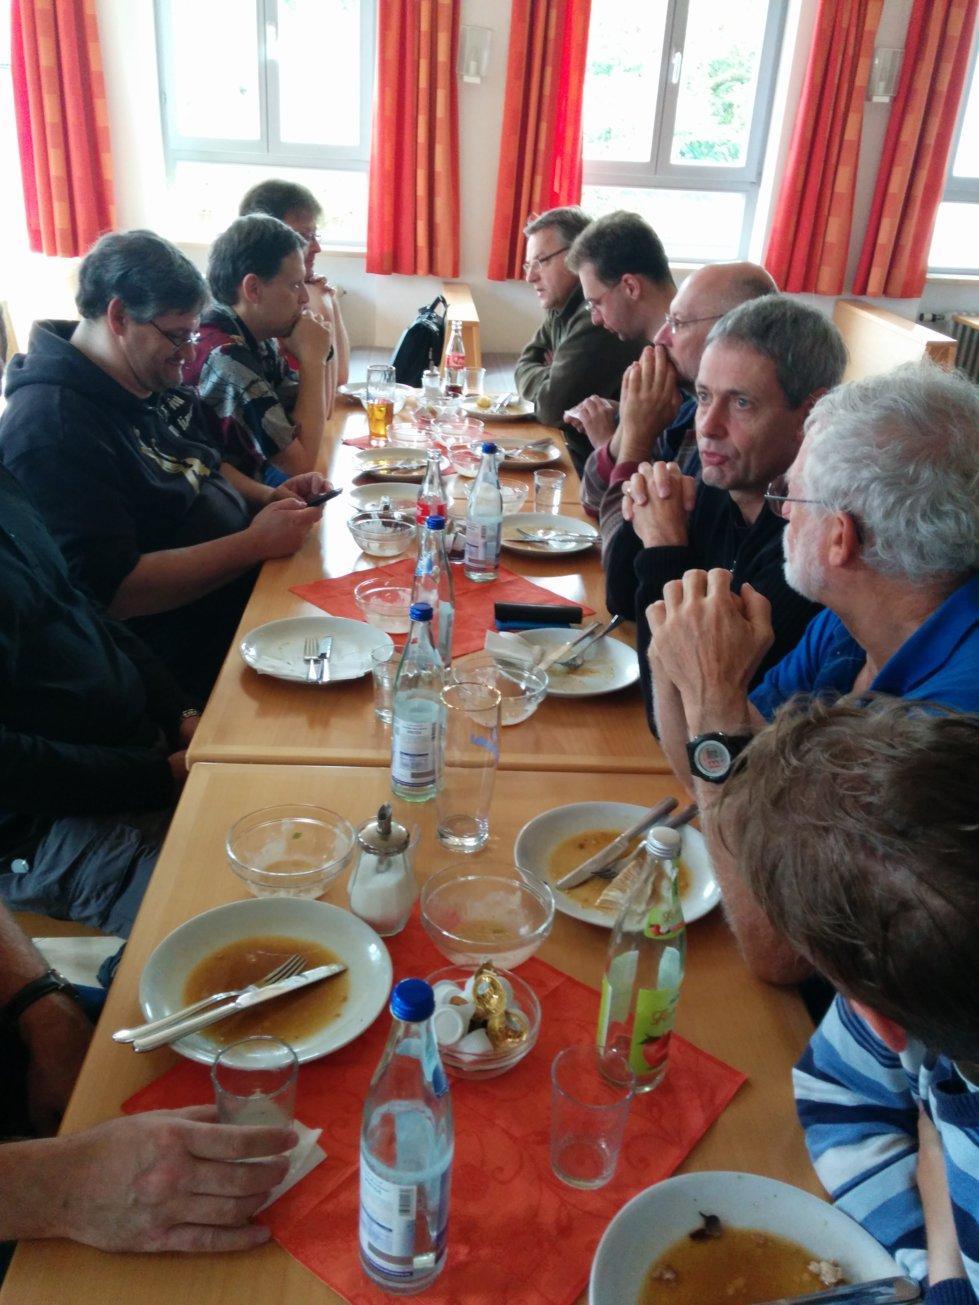 Mittagessen am Samstag im Kolpnghaus